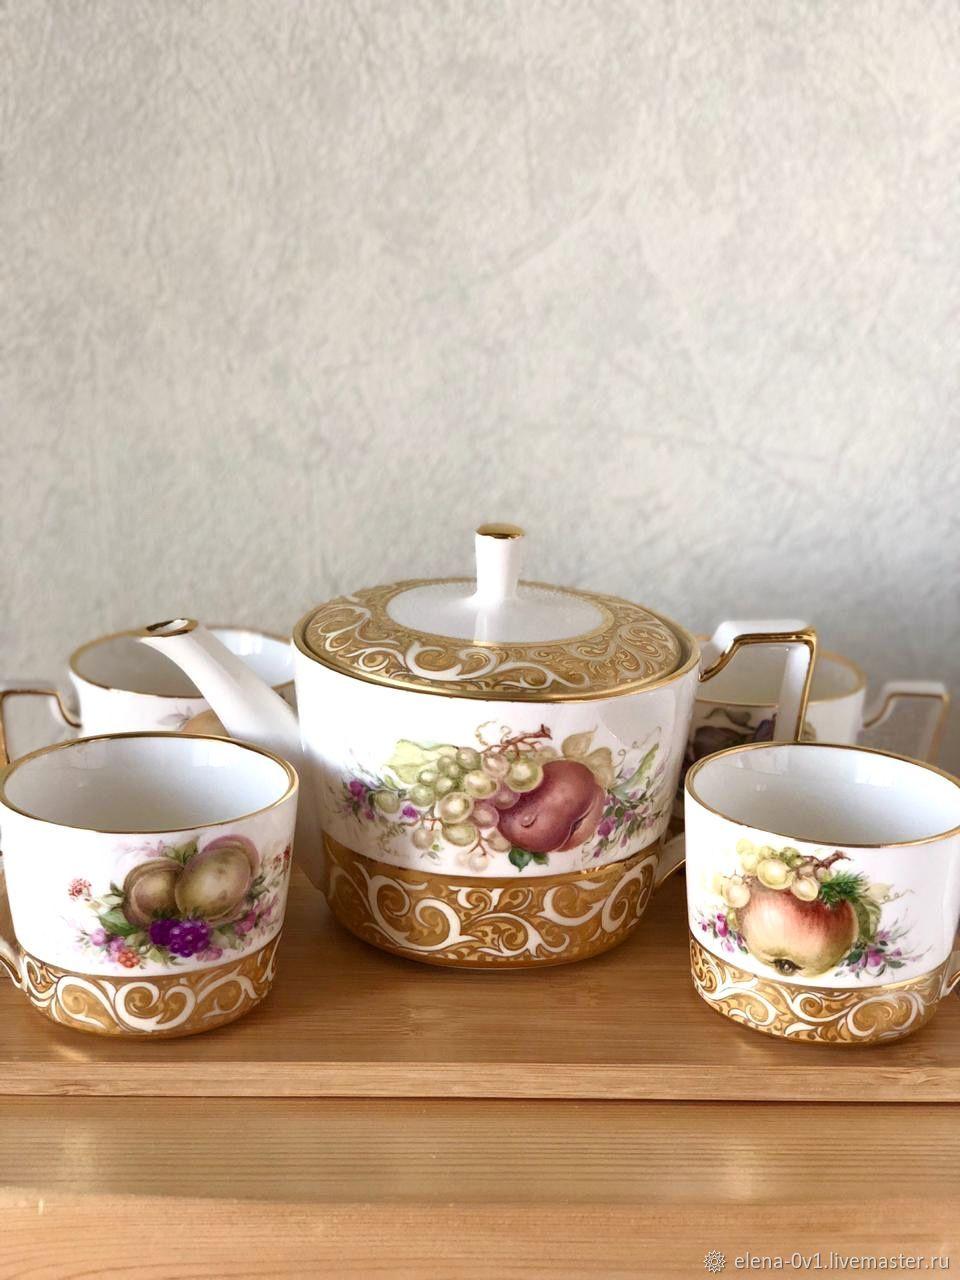 Чайный набор на деревянном подносе «Фрукты», Наборы посуды, Екатеринбург,  Фото №1